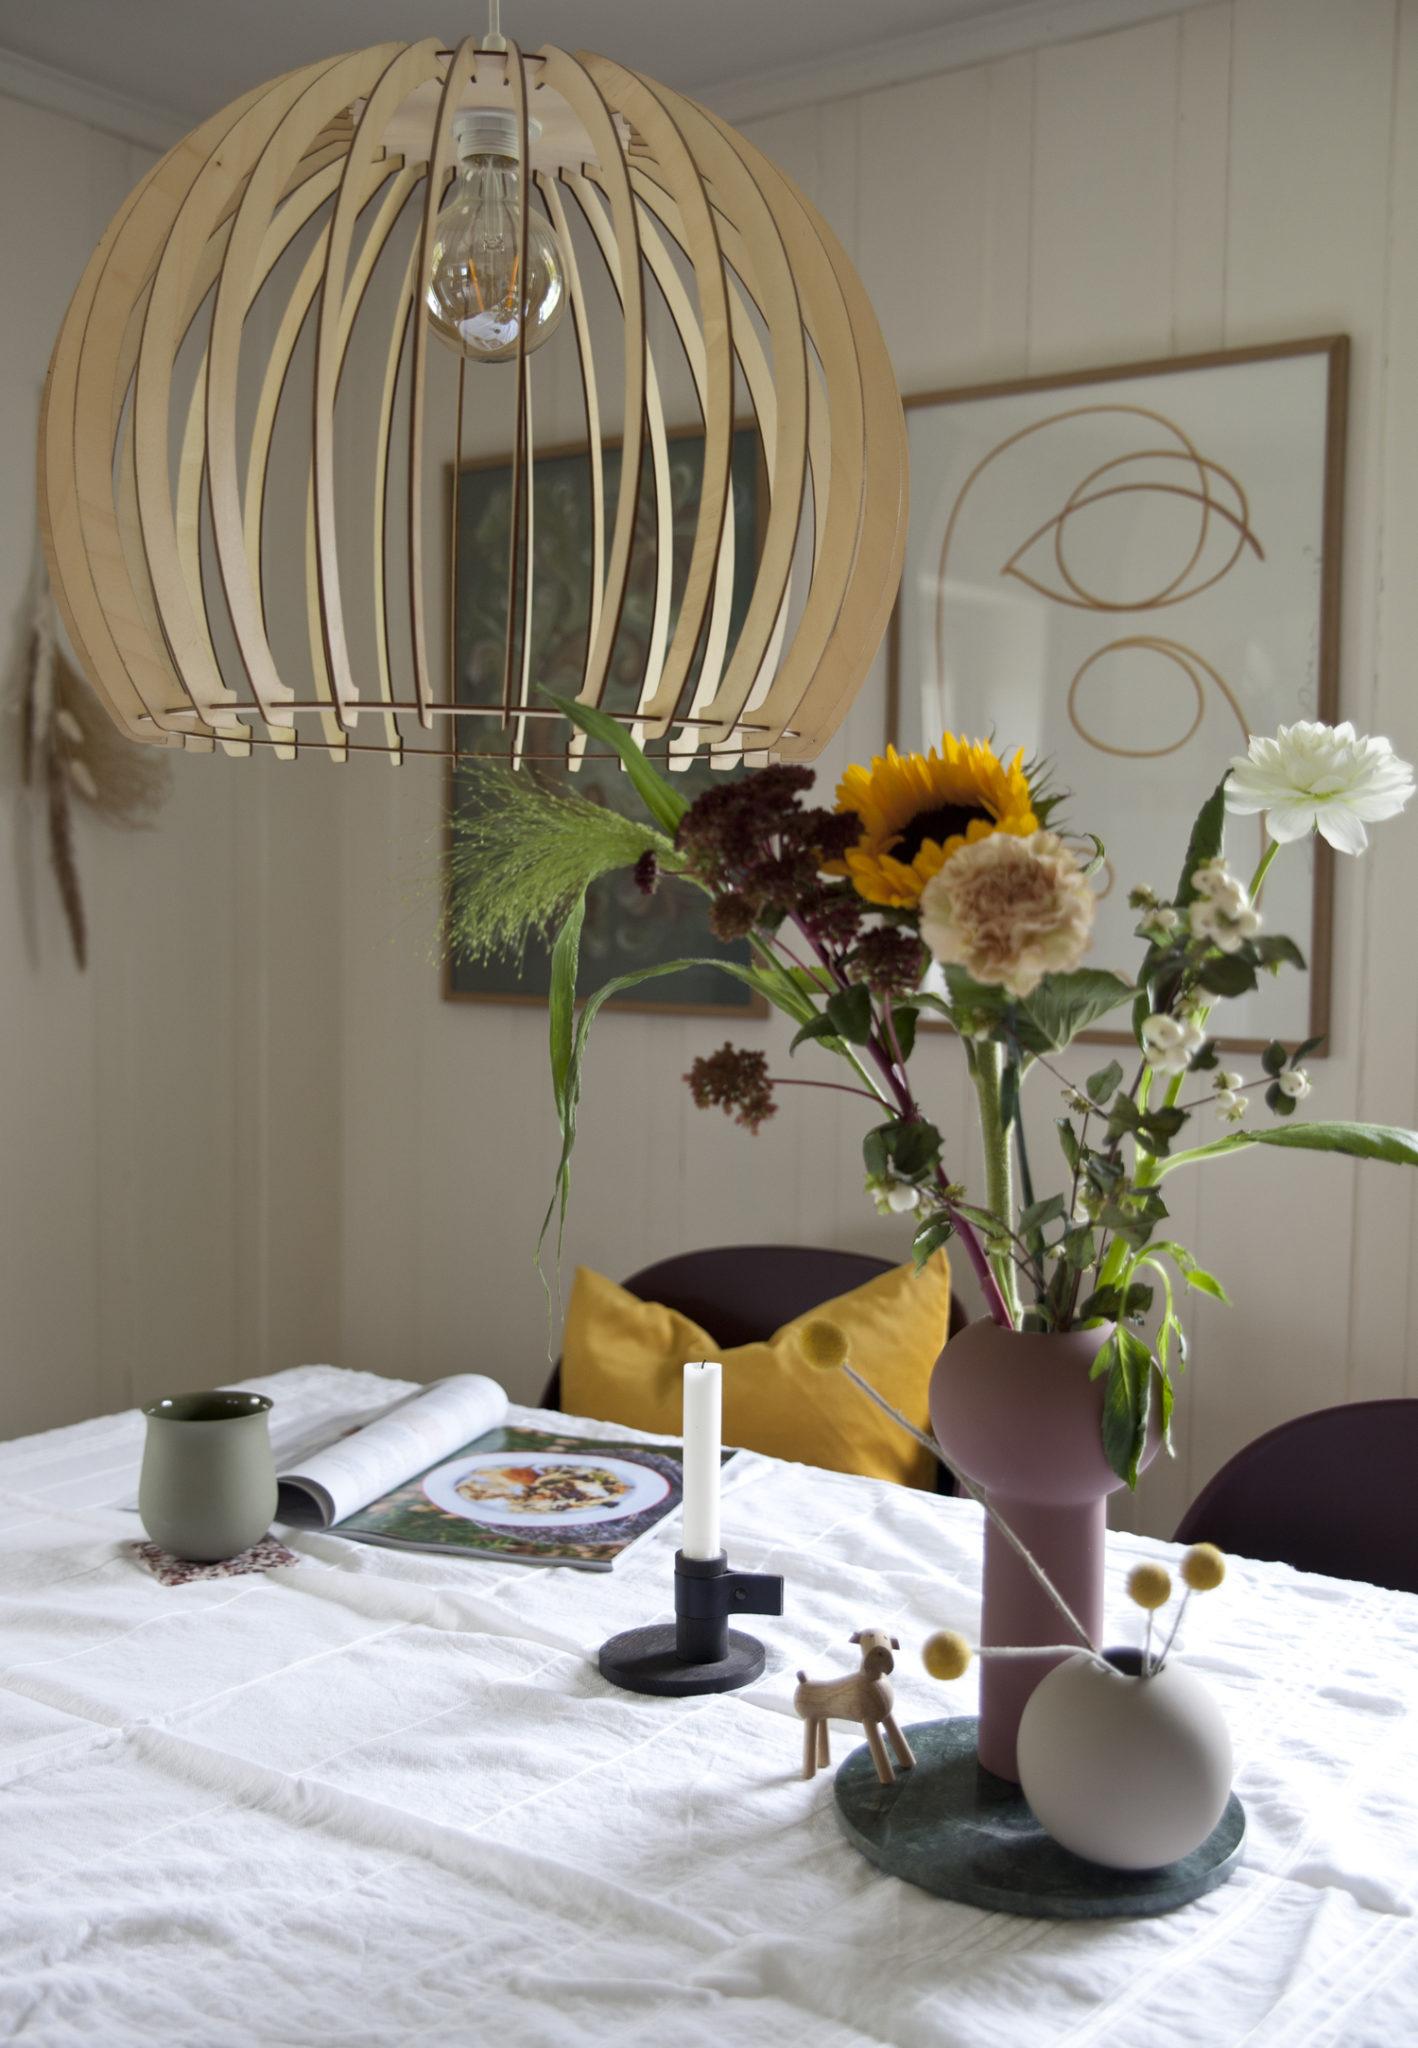 blomsterbukett spisebord stue